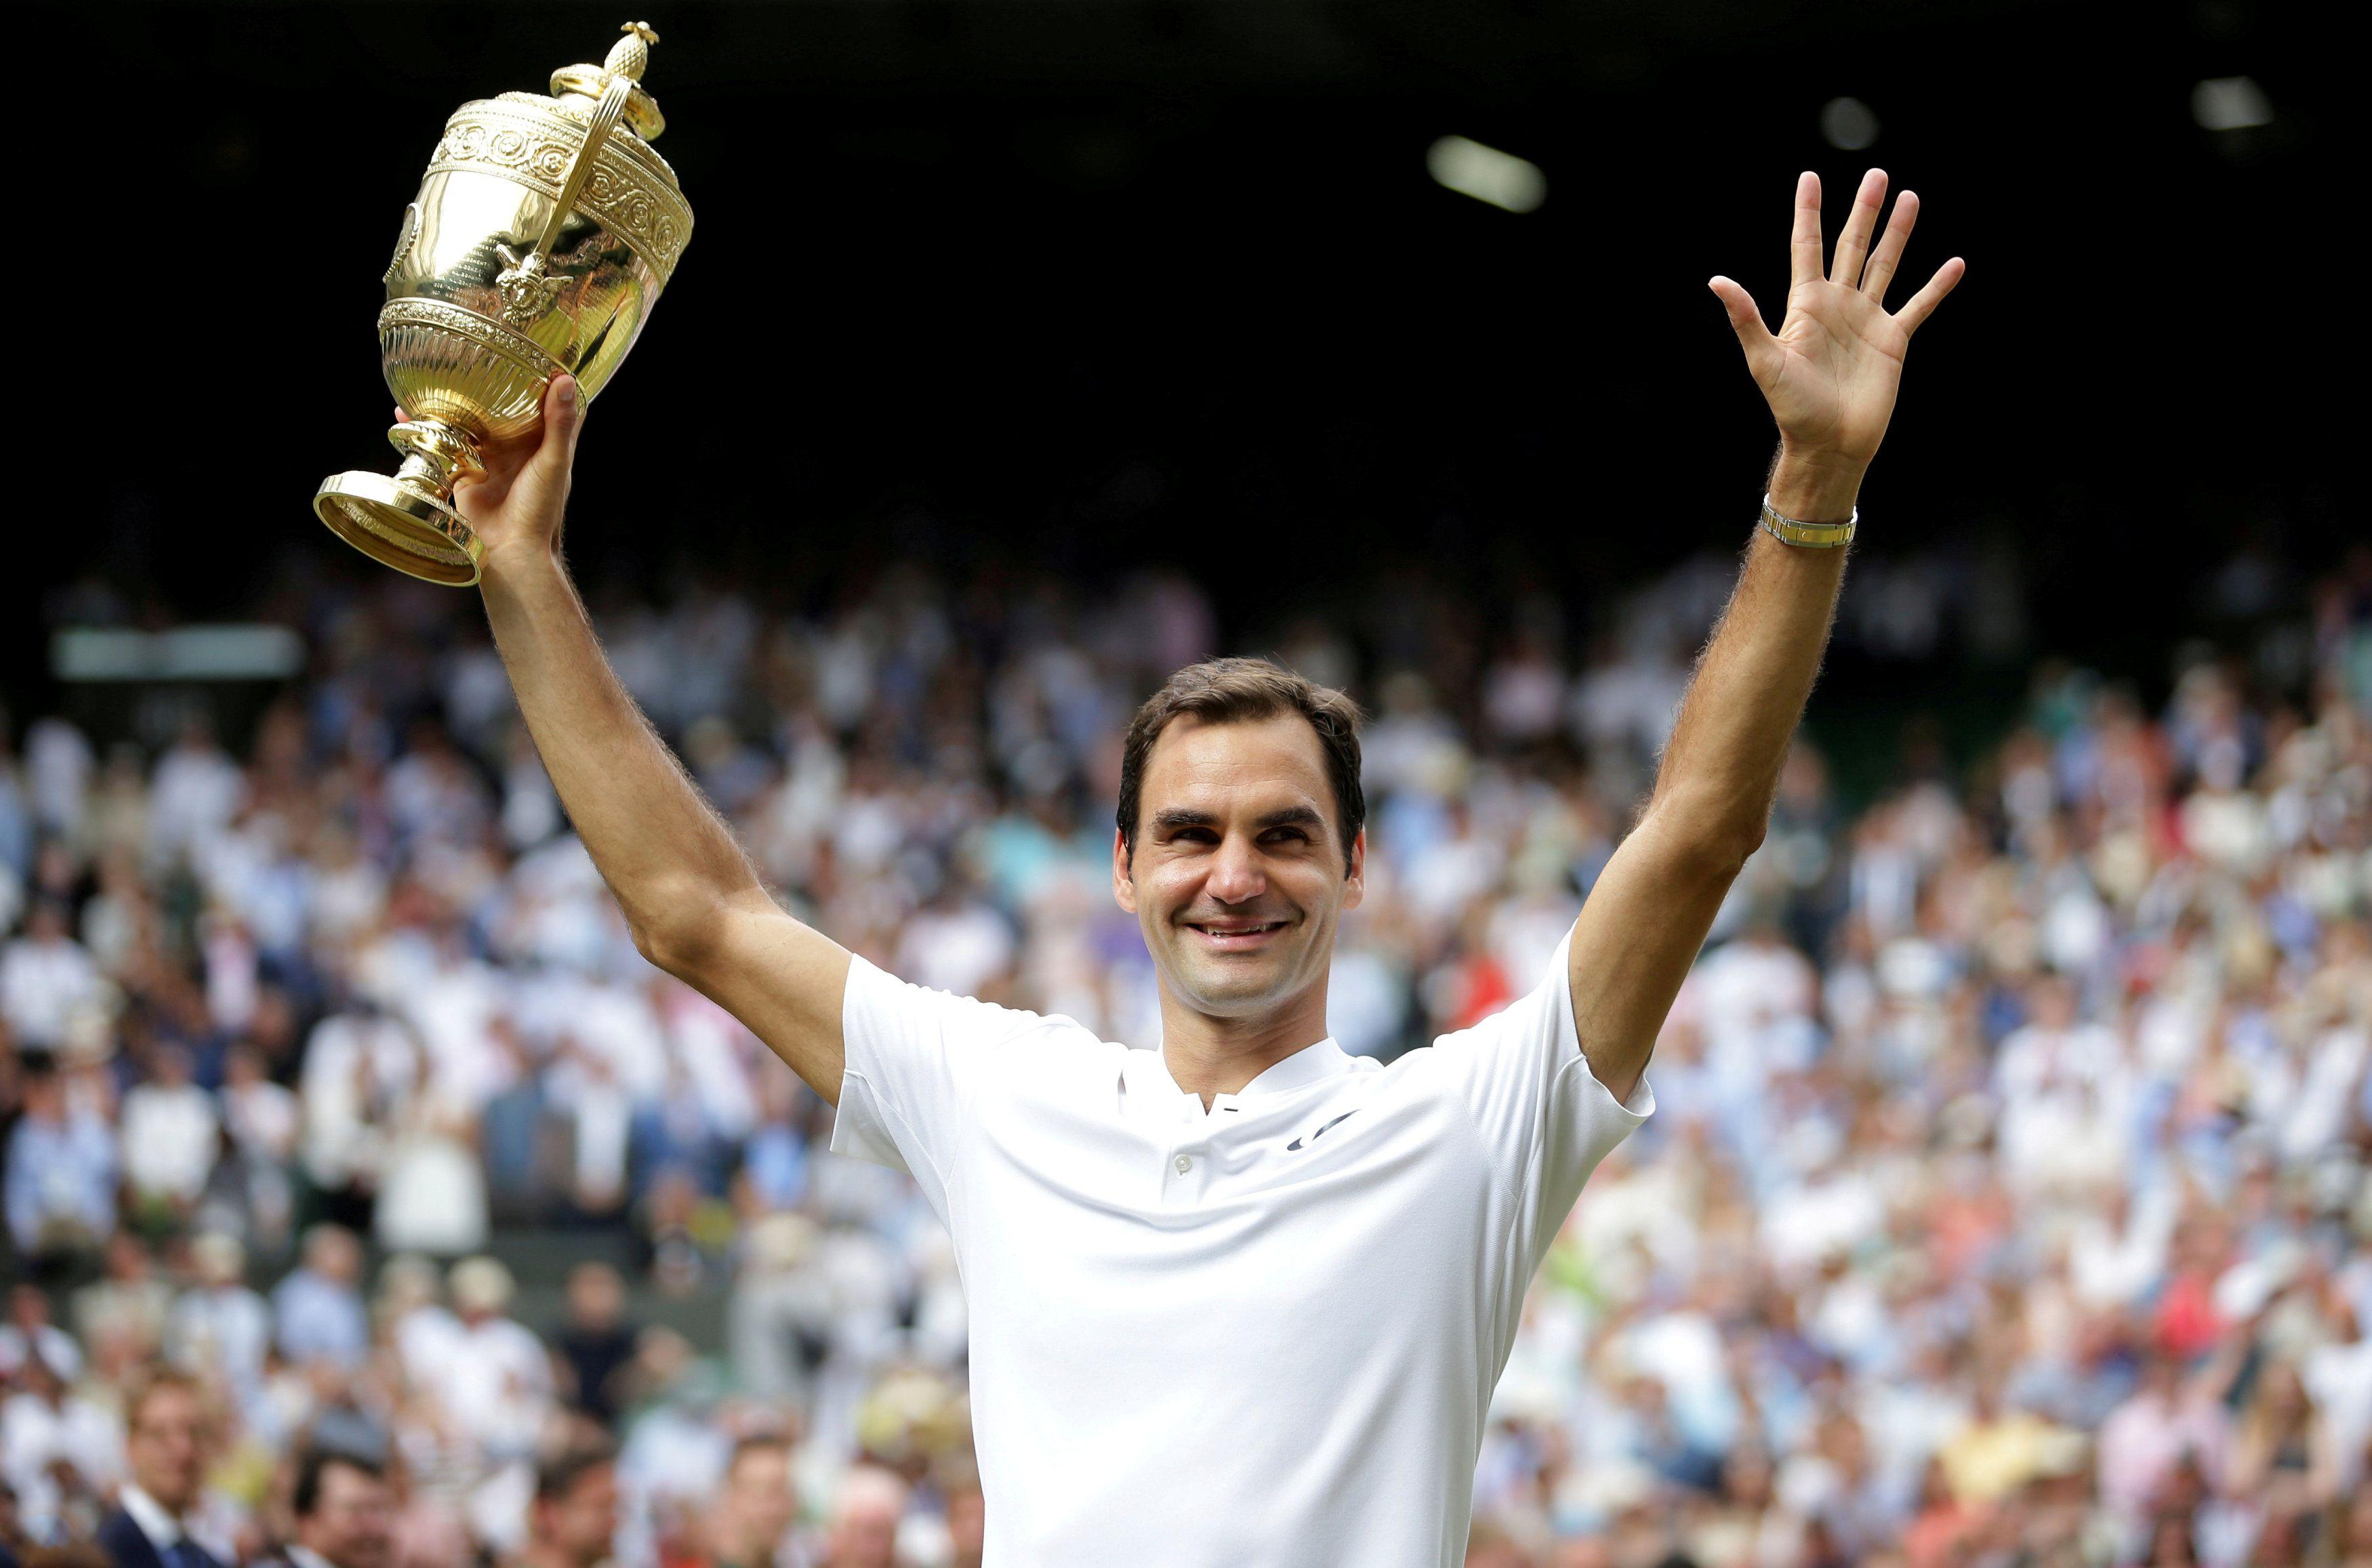 Roger y el trofeo de Wimbledon, una foto habitual (Foto: Reuters)